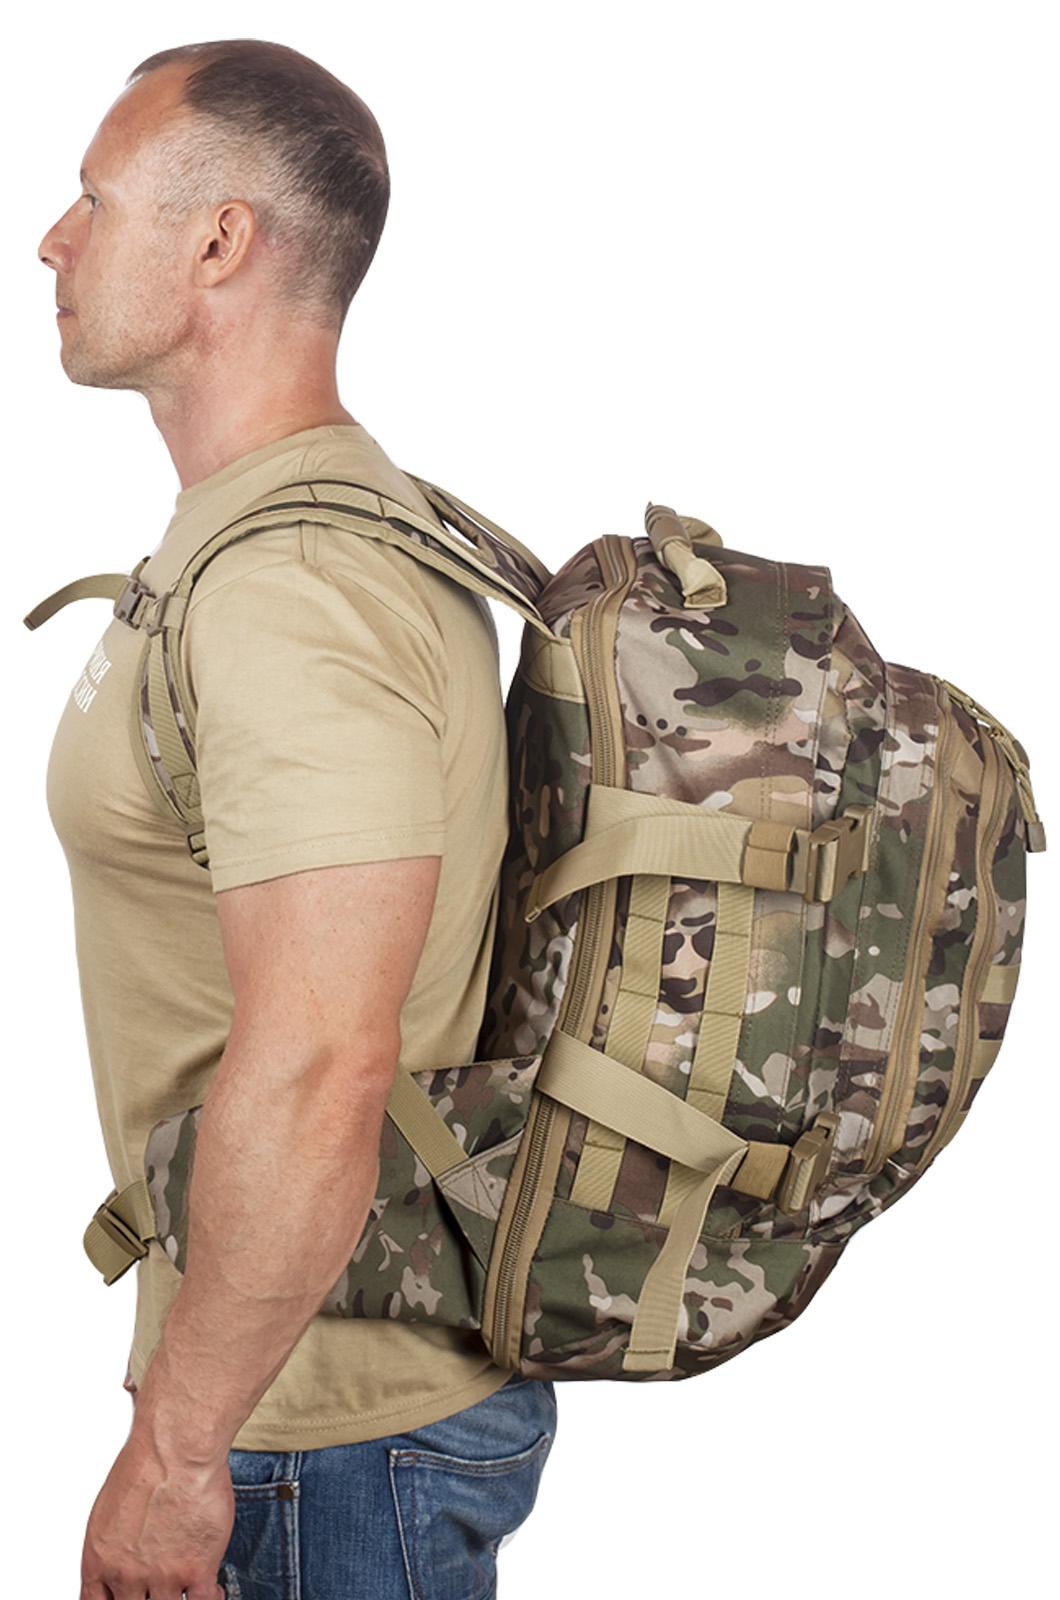 Тактический ранец 3-Day Expandable Backpack 08002A OCP с эмблемой МВД